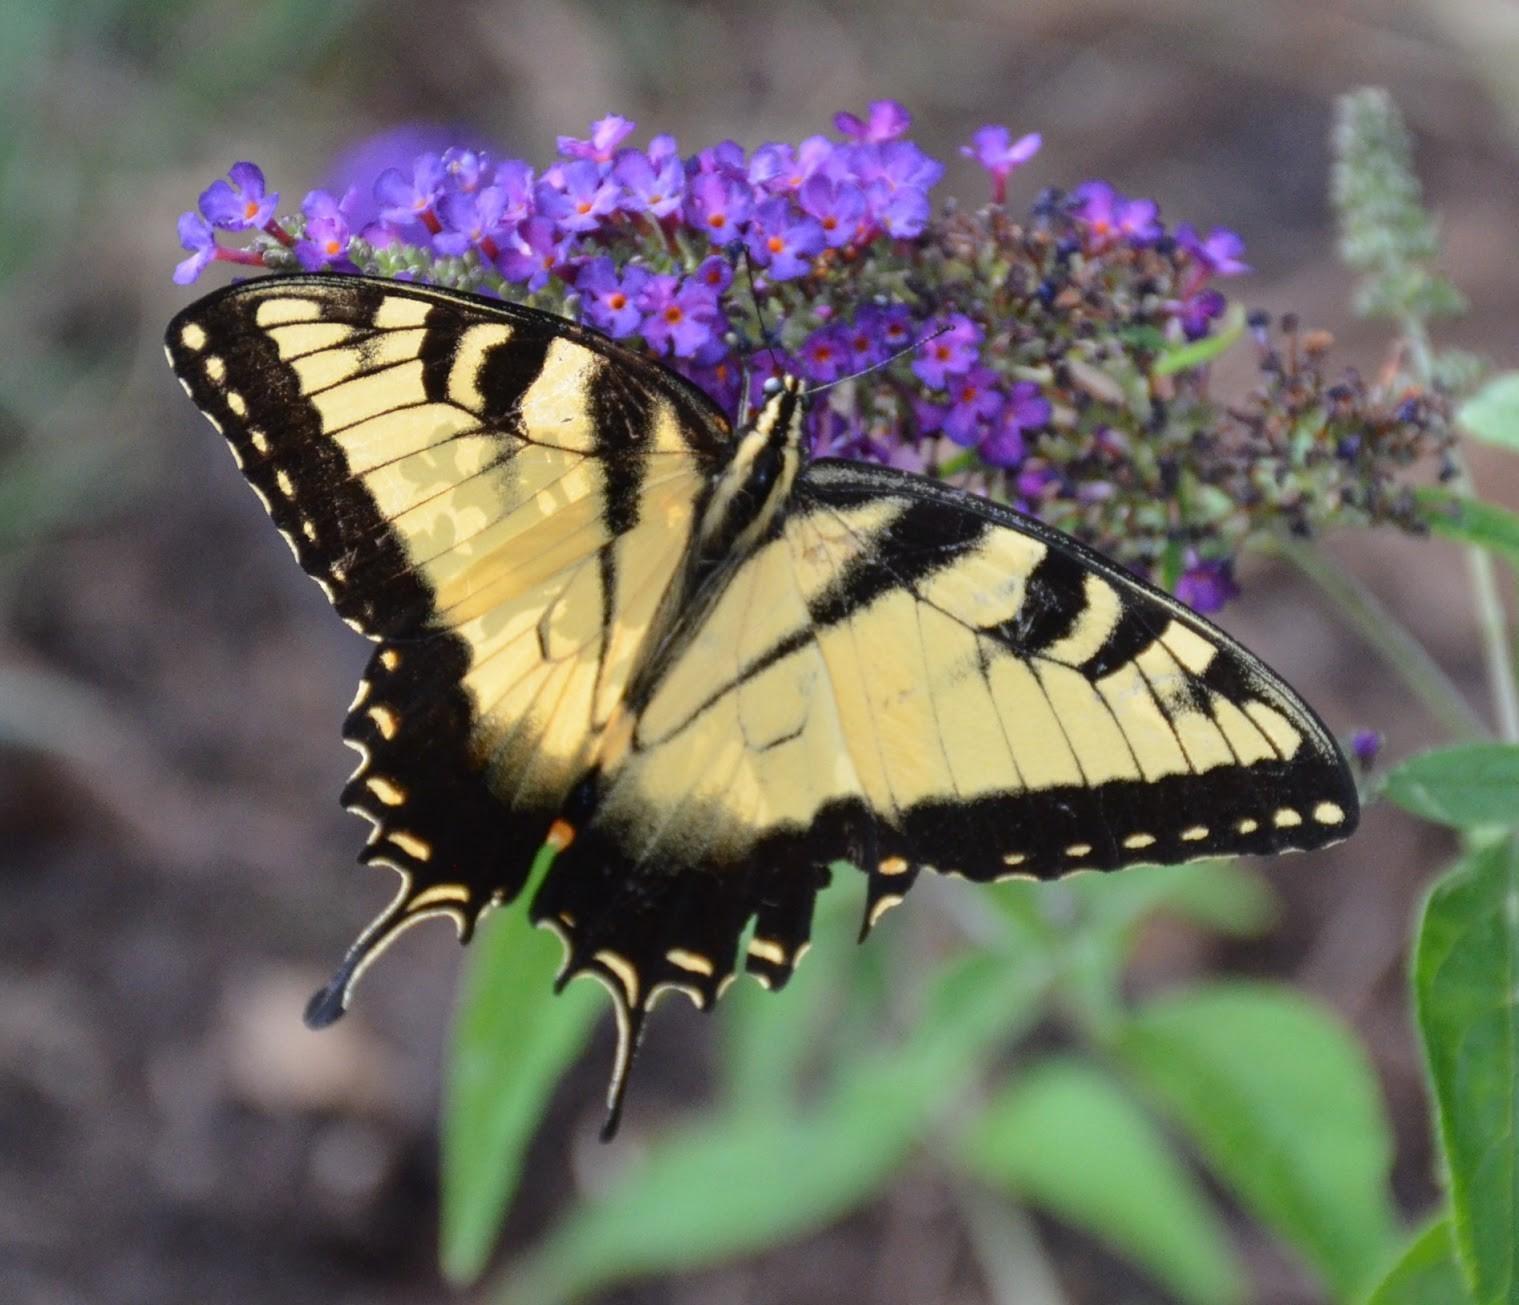 Záhrada,ktorá ťa nikdy neomrzí...divoká a krásna - Motýlí ker vždy priláka aj takýchto krásavcov...